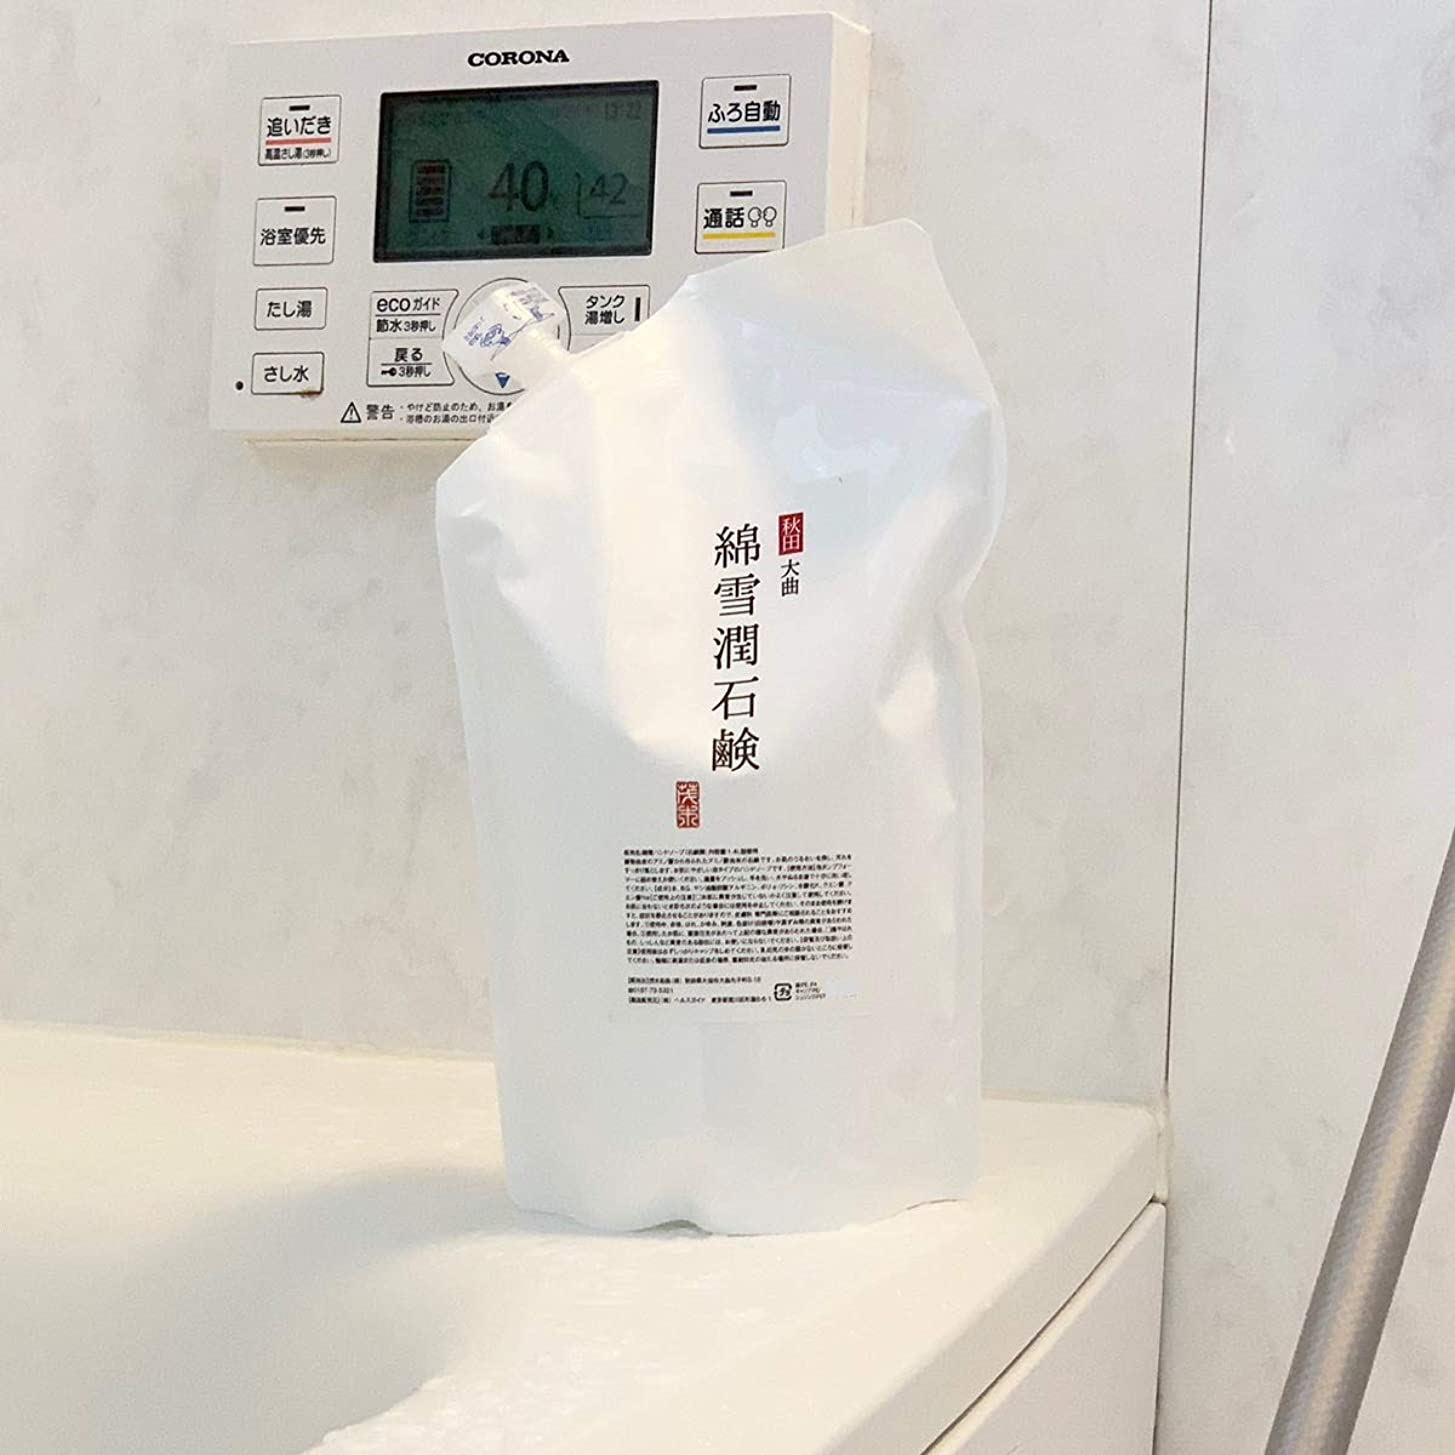 スムーズに悪の振るう綿雪潤石鹸 700mL